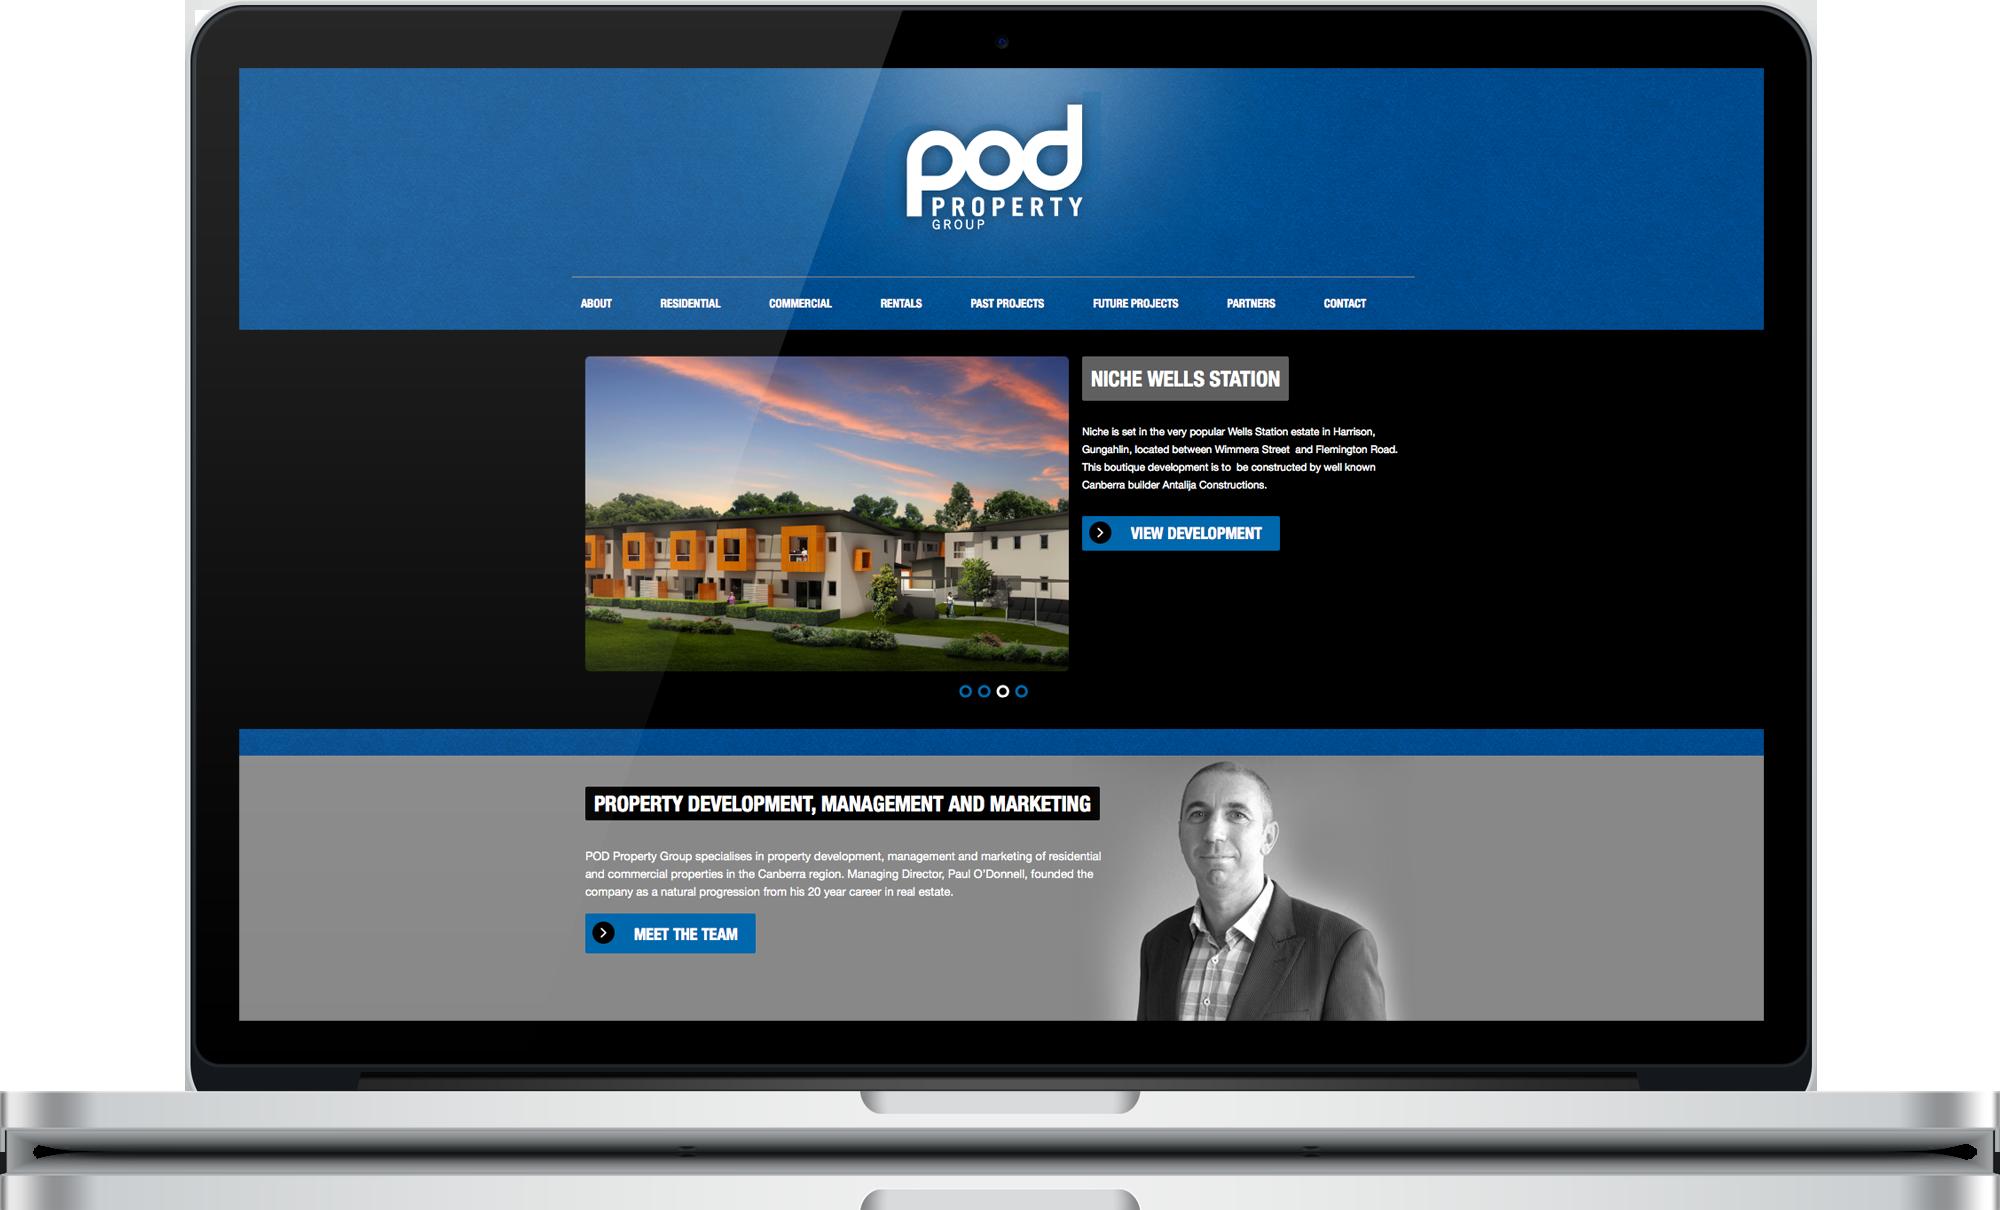 POD Property Group